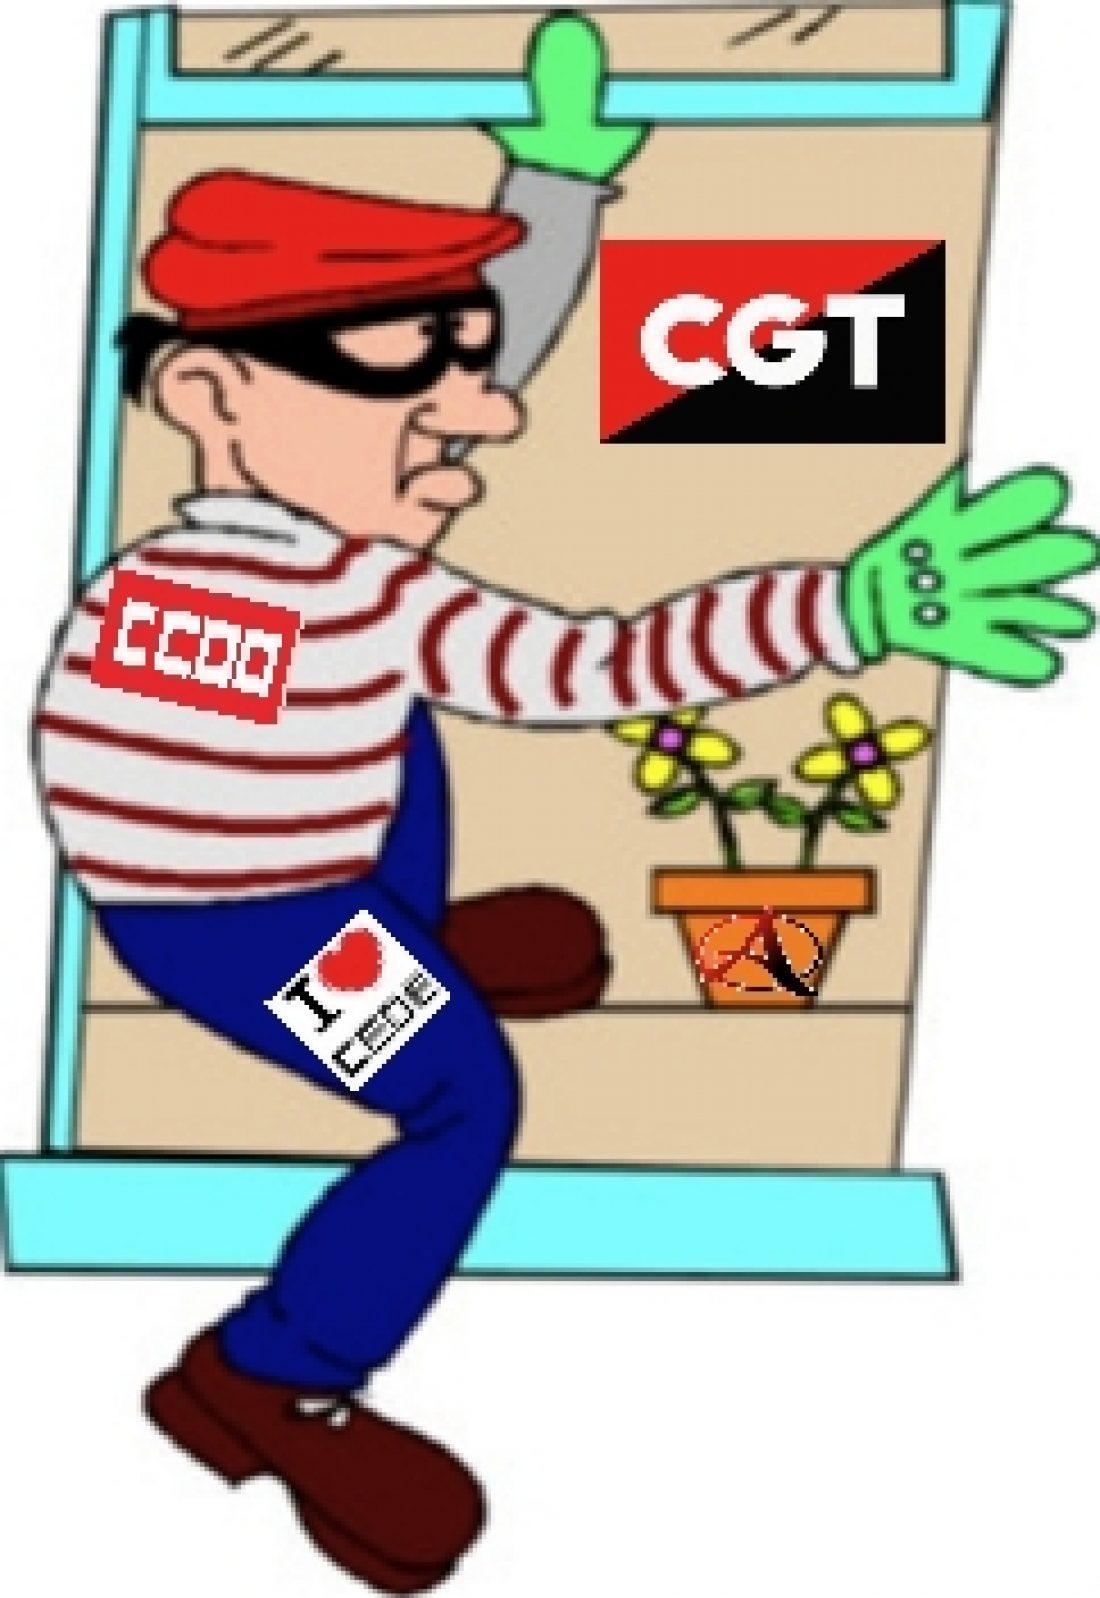 A CCOO le regalan todo el edificio sindical de Vía Laietana, en Barcelona